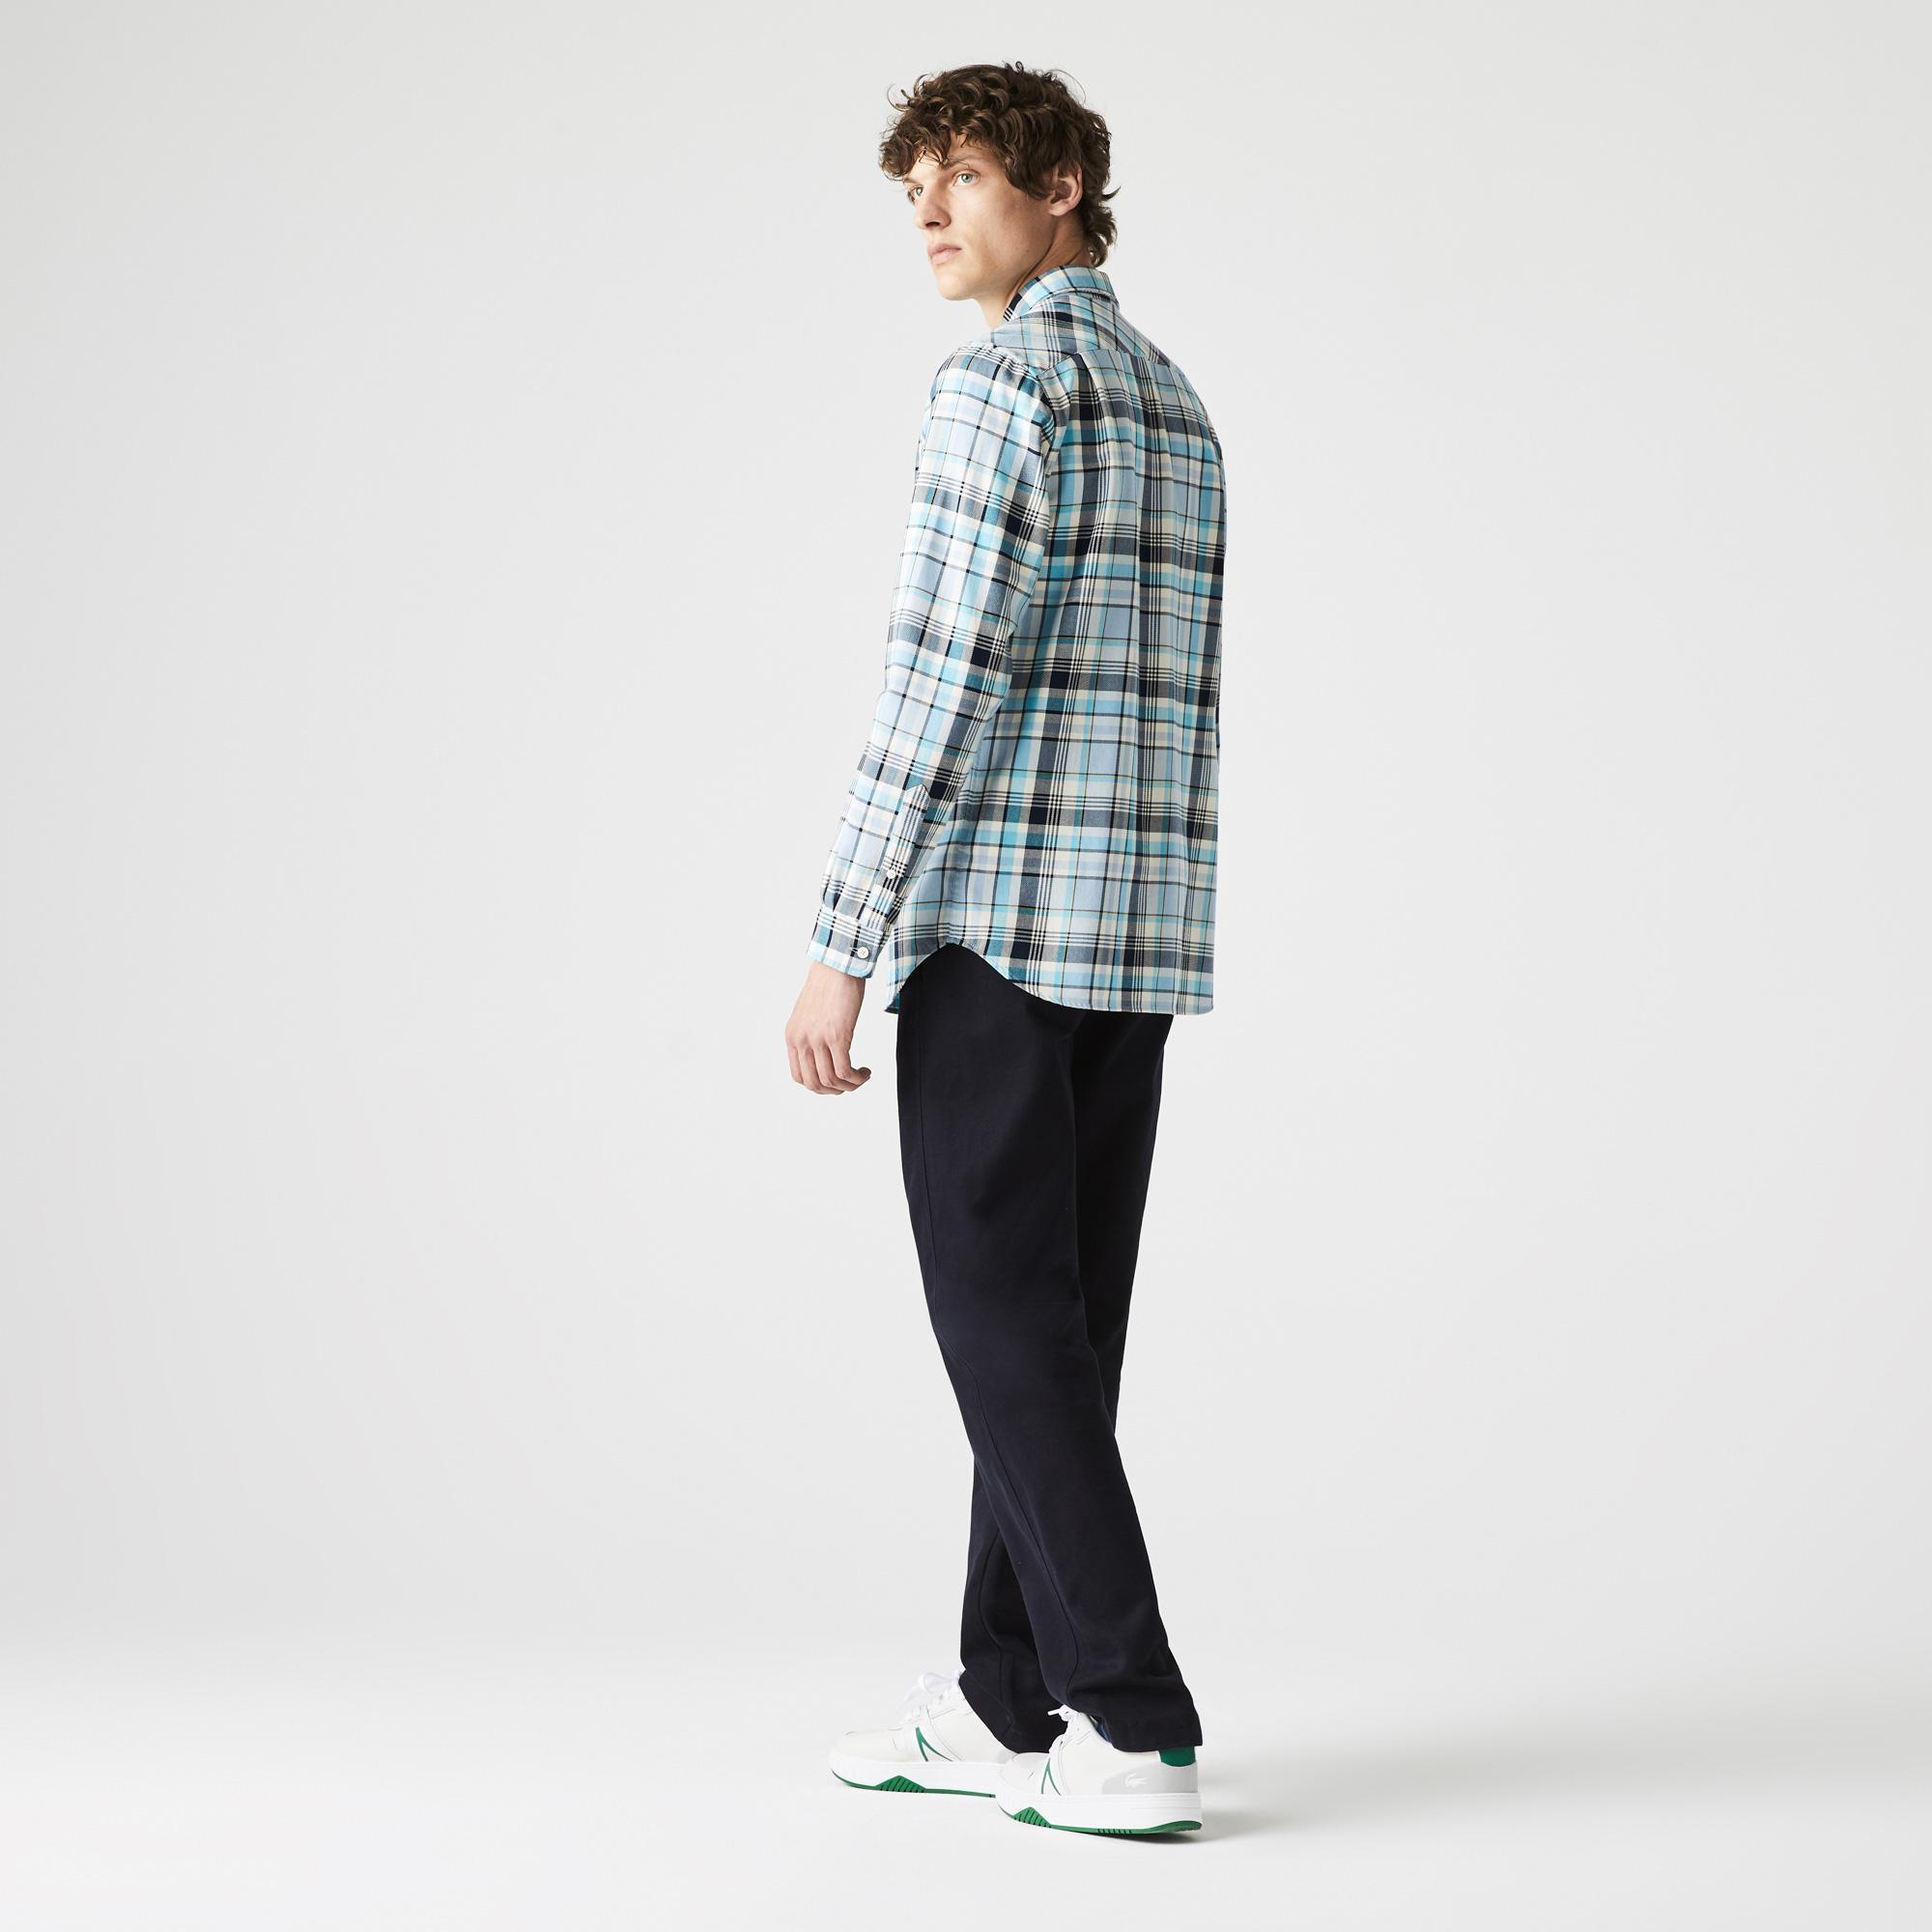 Lacoste Koszula męska z bawełny madras, w kratkę, Regular Fit